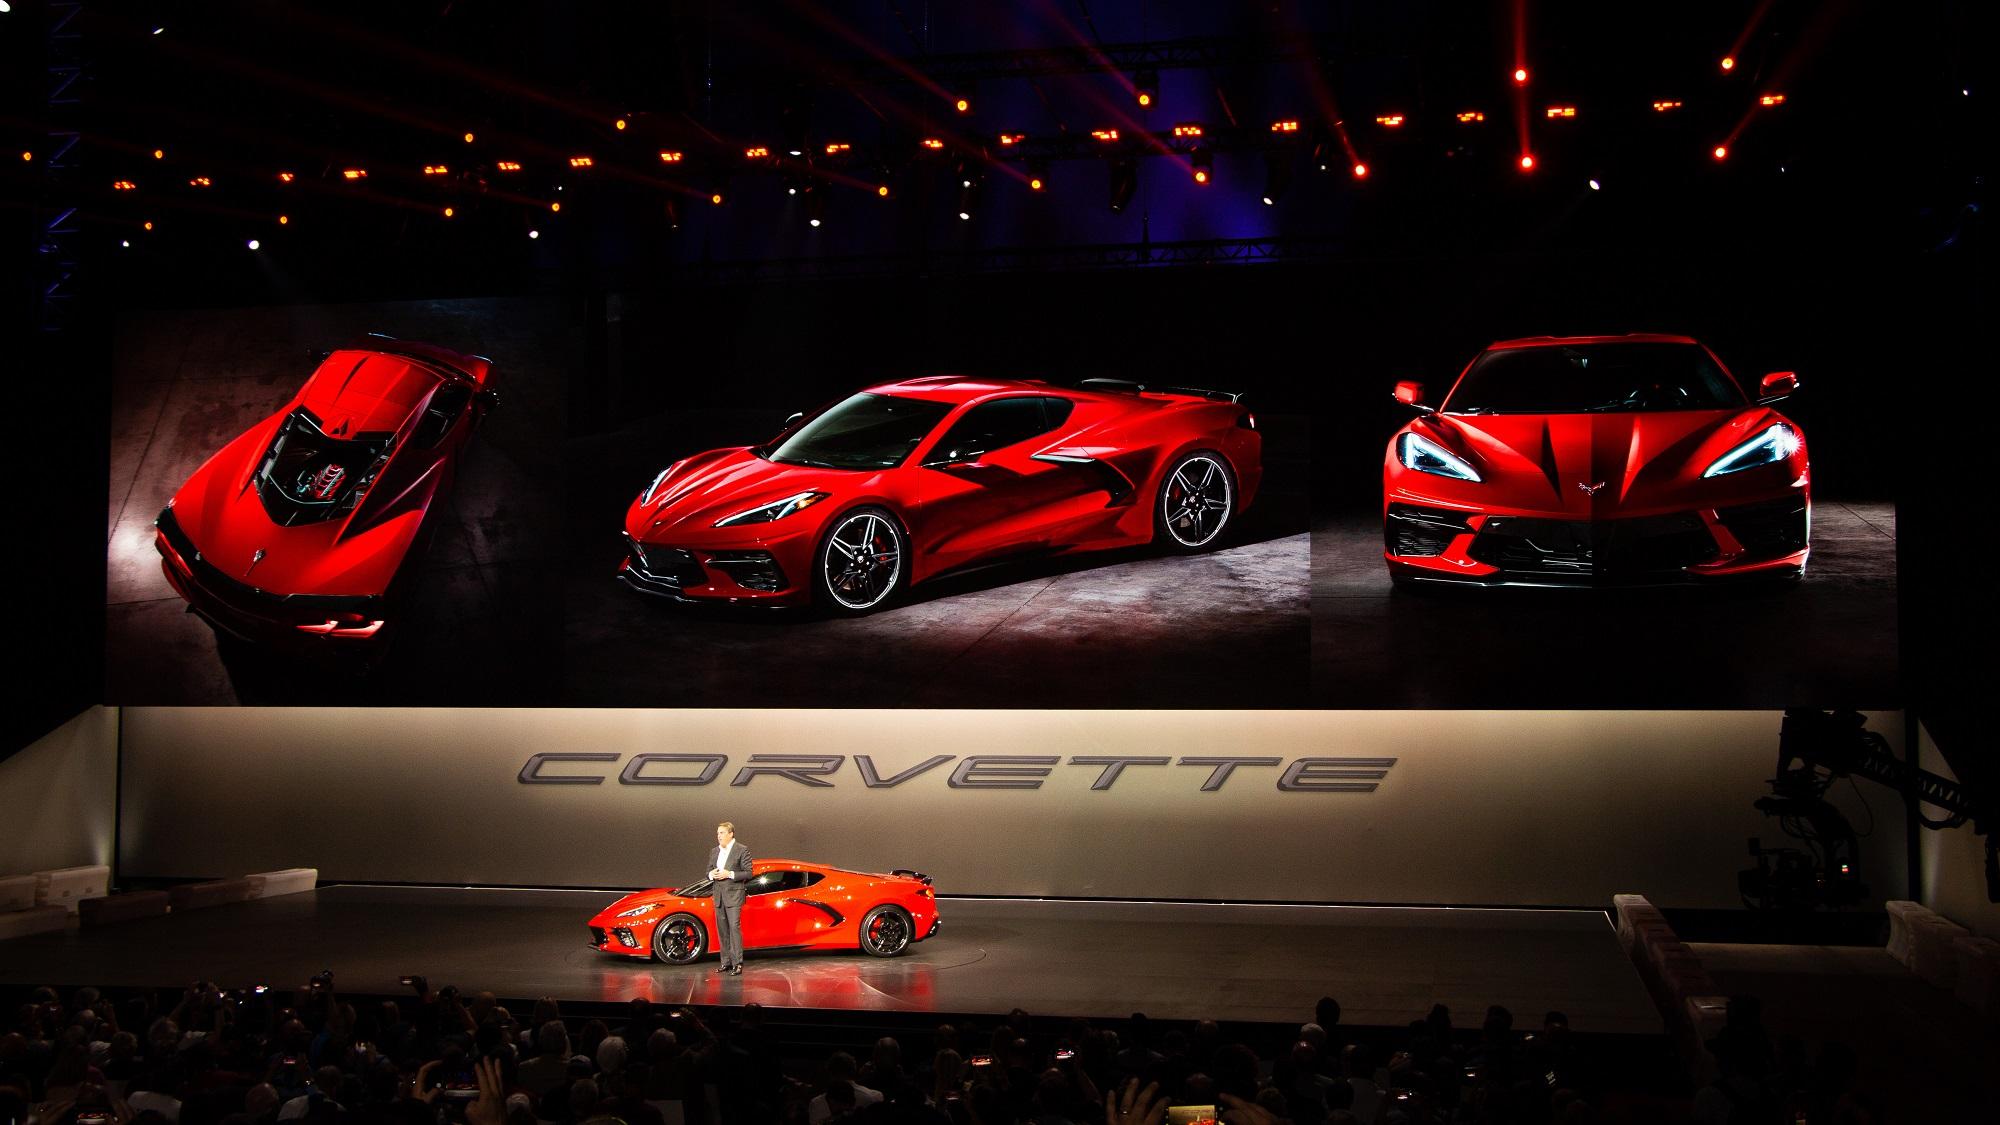 2020 C8 Corvette Reveal Event - CorvetteForum